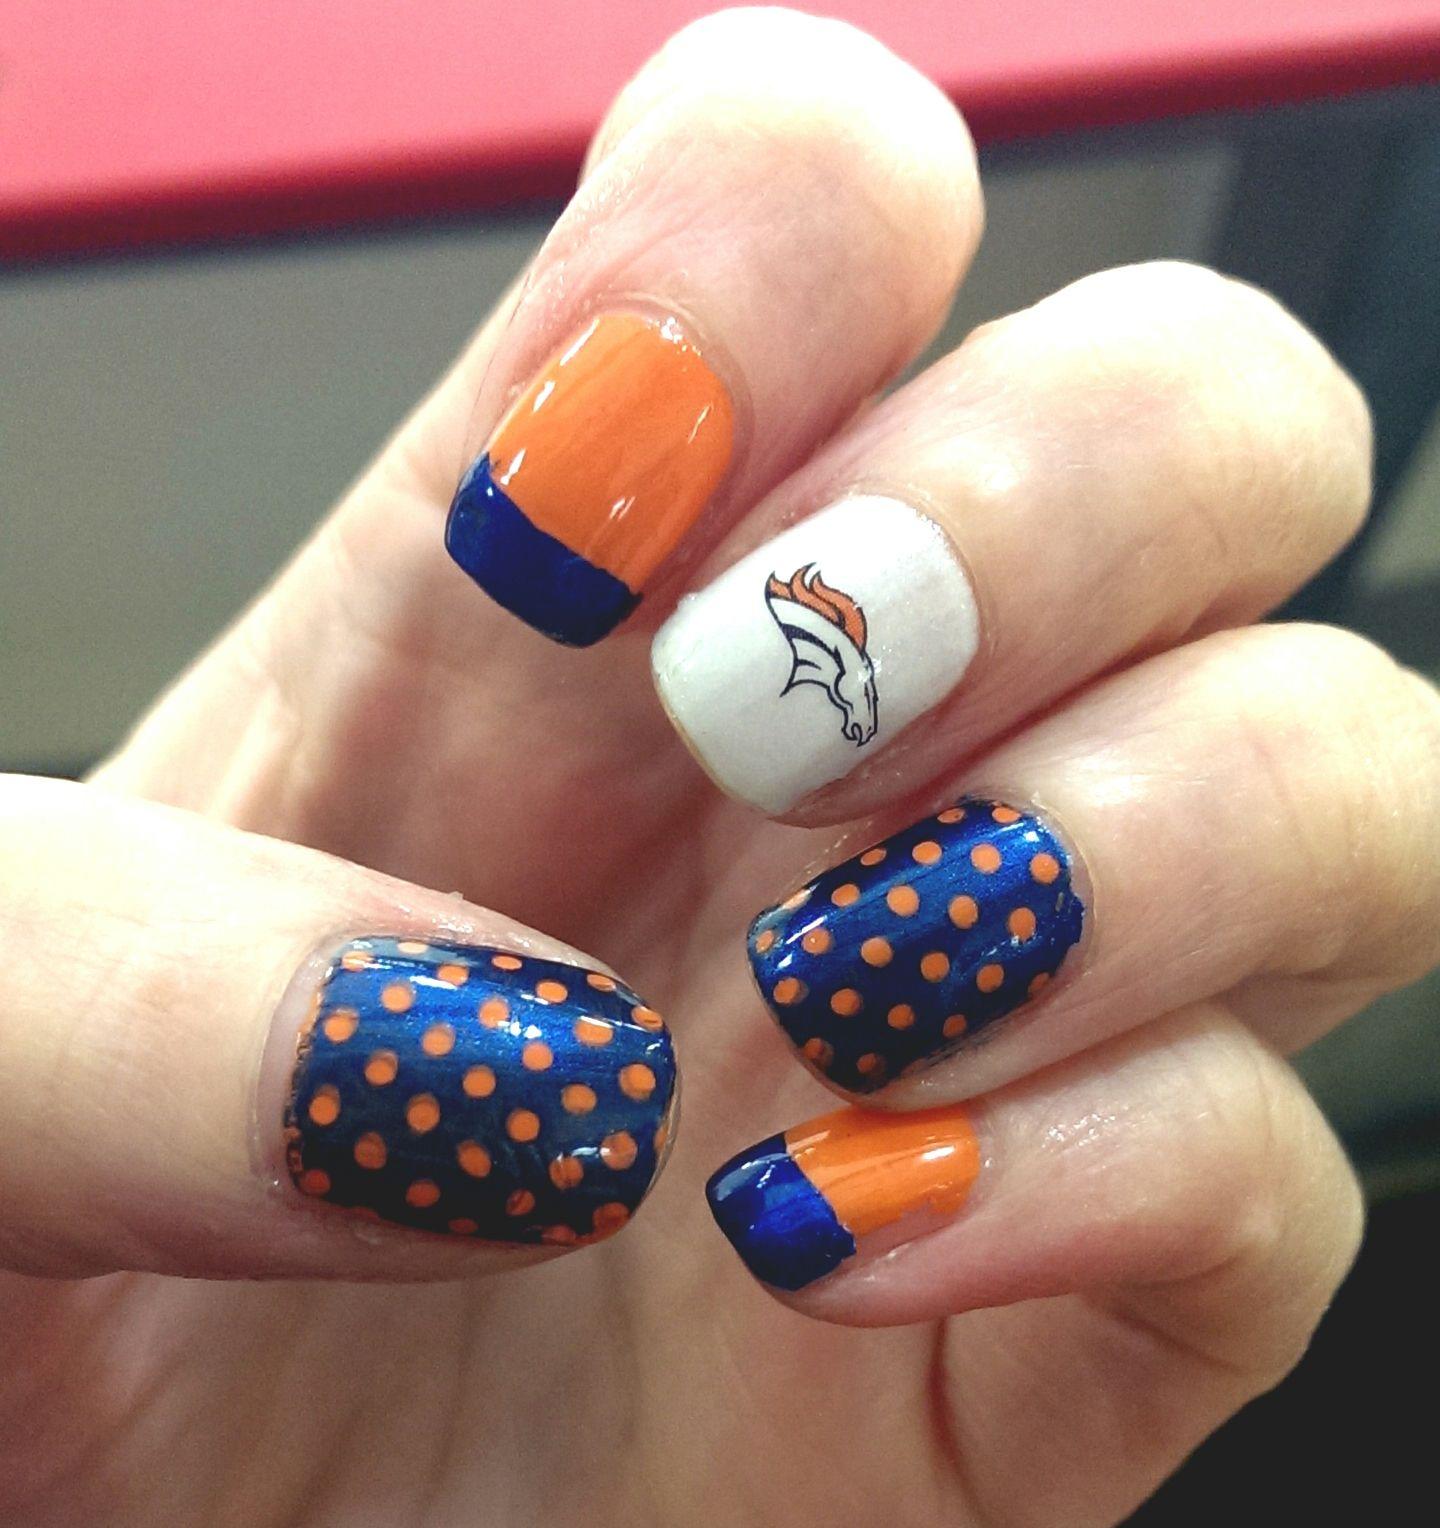 Denver Broncos nail art #superbowl | denver broncos football ...